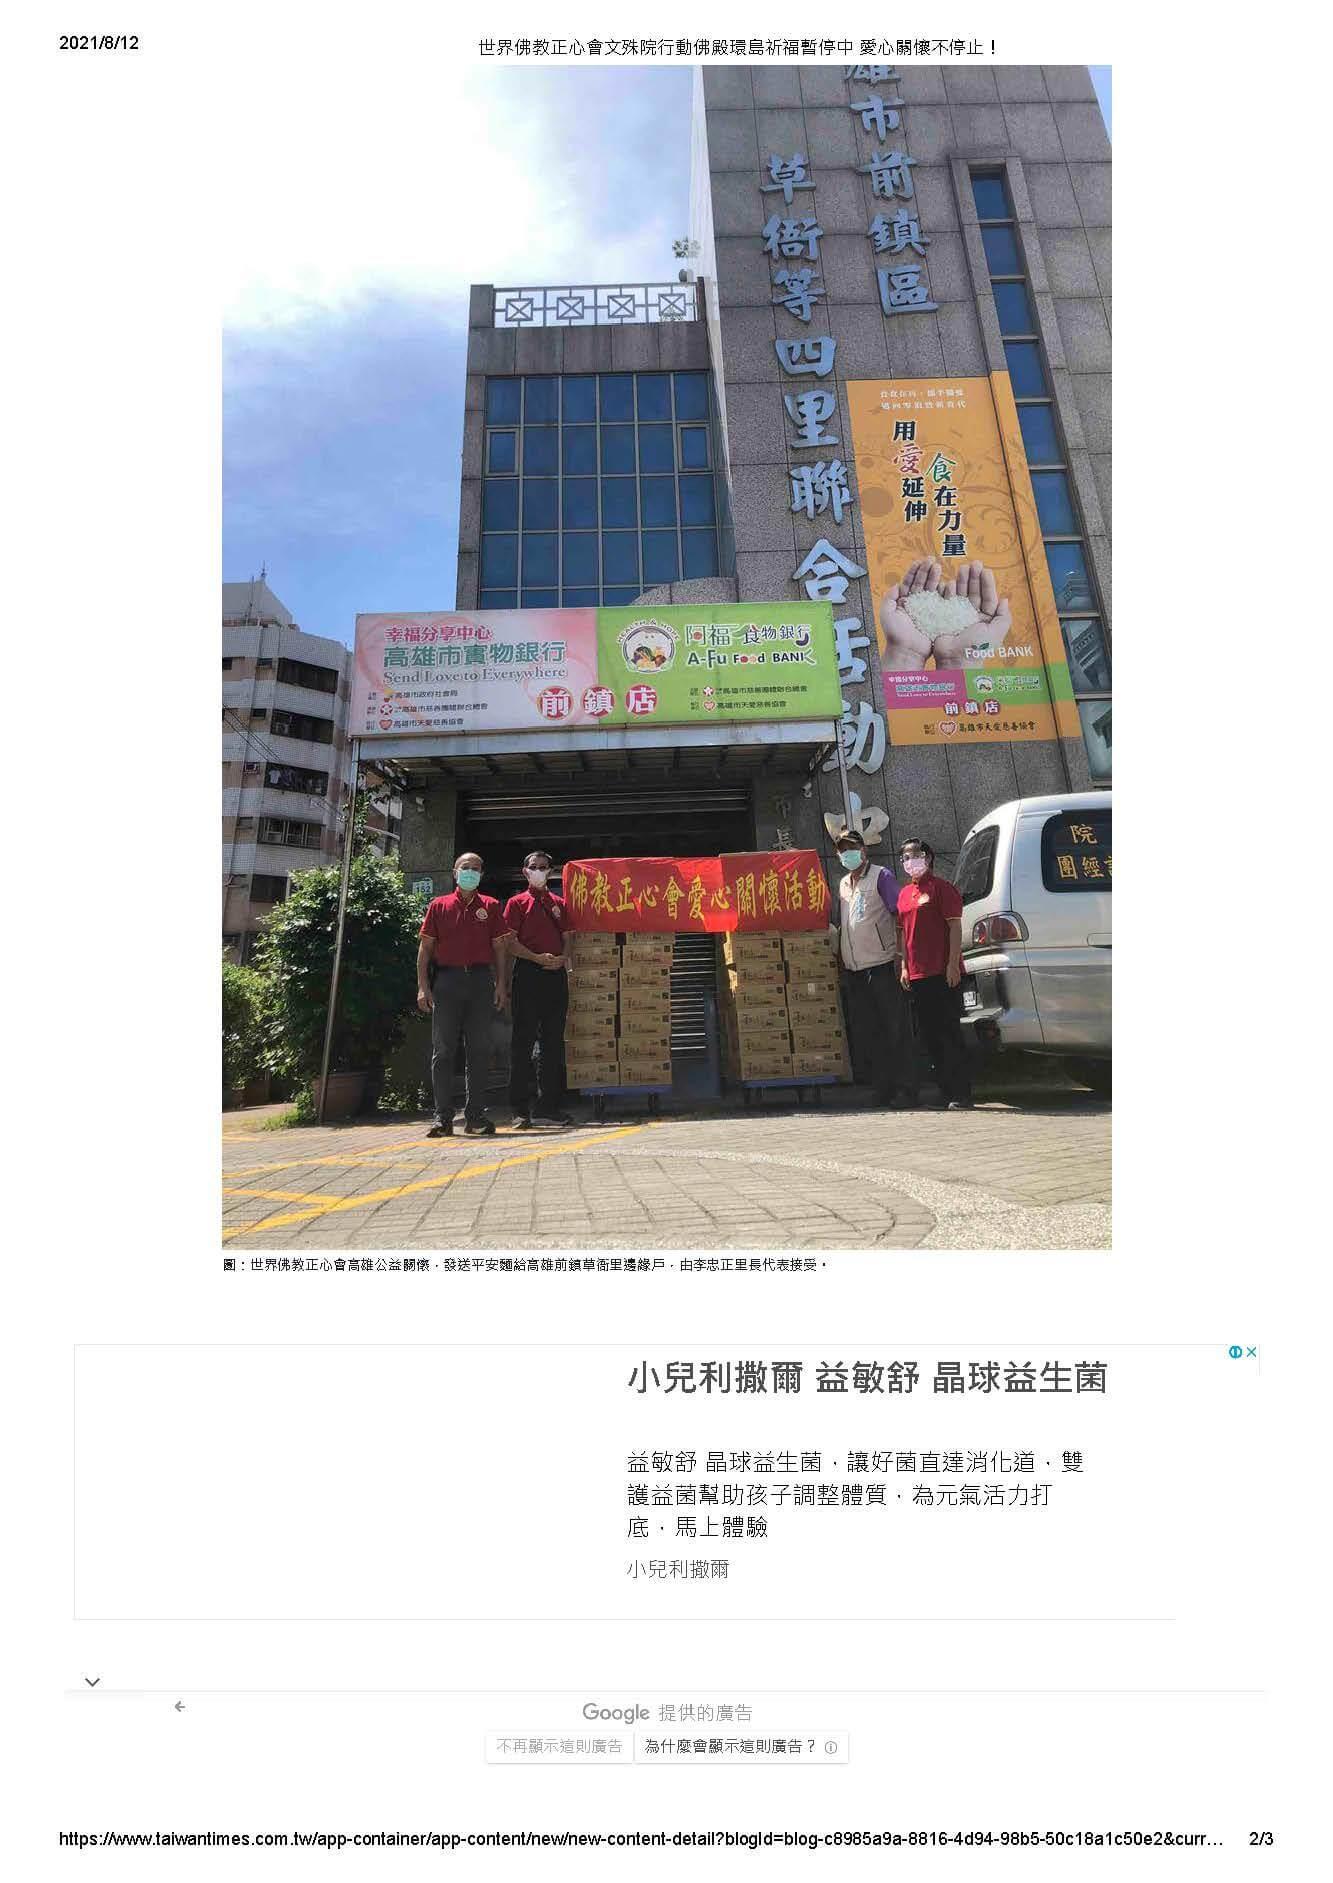 2021-0703台灣時報-世界佛教正心會文殊院行動佛殿環島祈福暫停中 愛心關懷不停